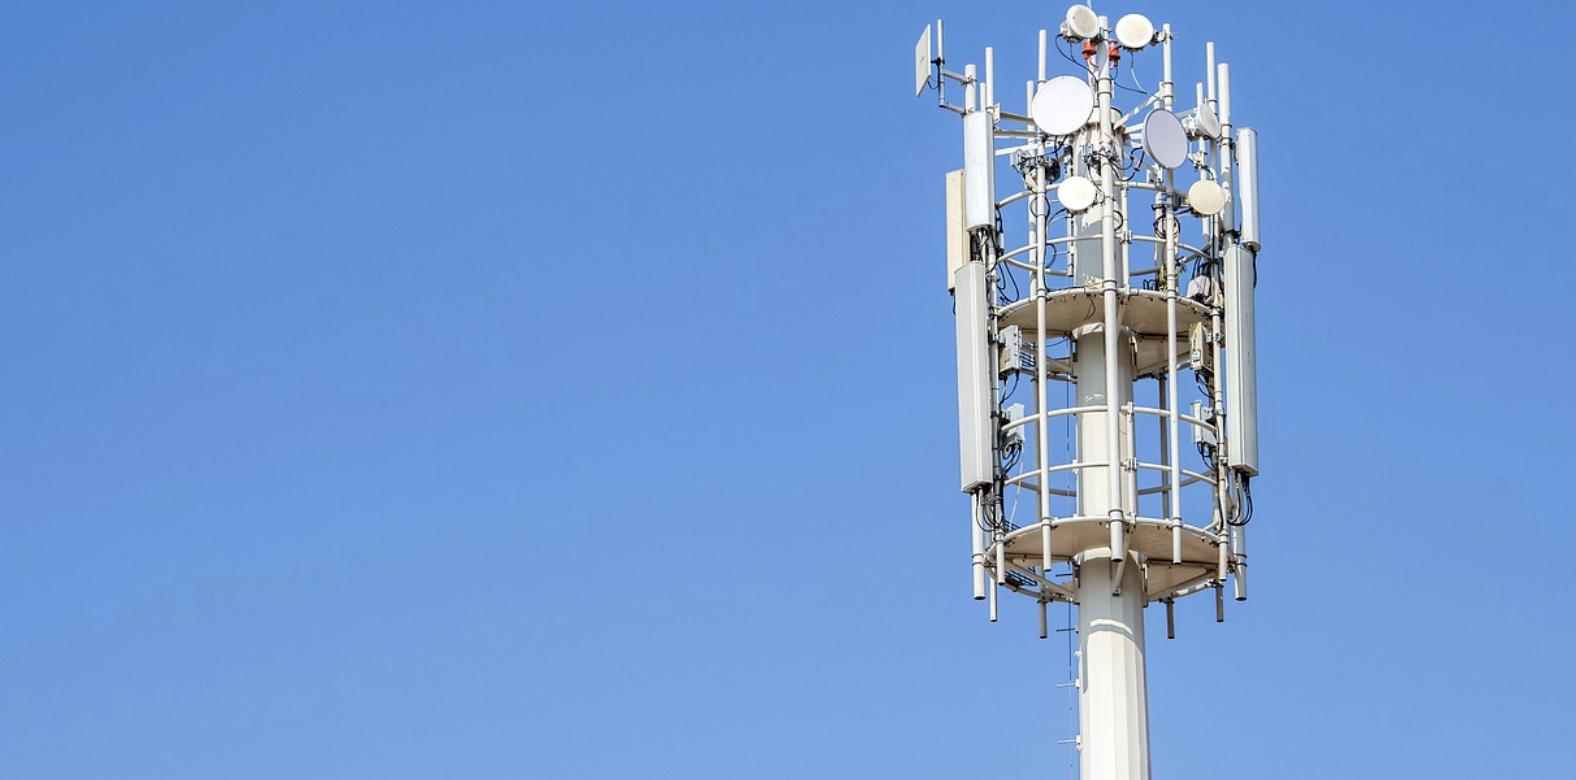 Egypte : L'opérateur historique des télécommunications Telecom Egypt a dévoilé son ambitieux projet de connecter l'Afrique à l'Europe